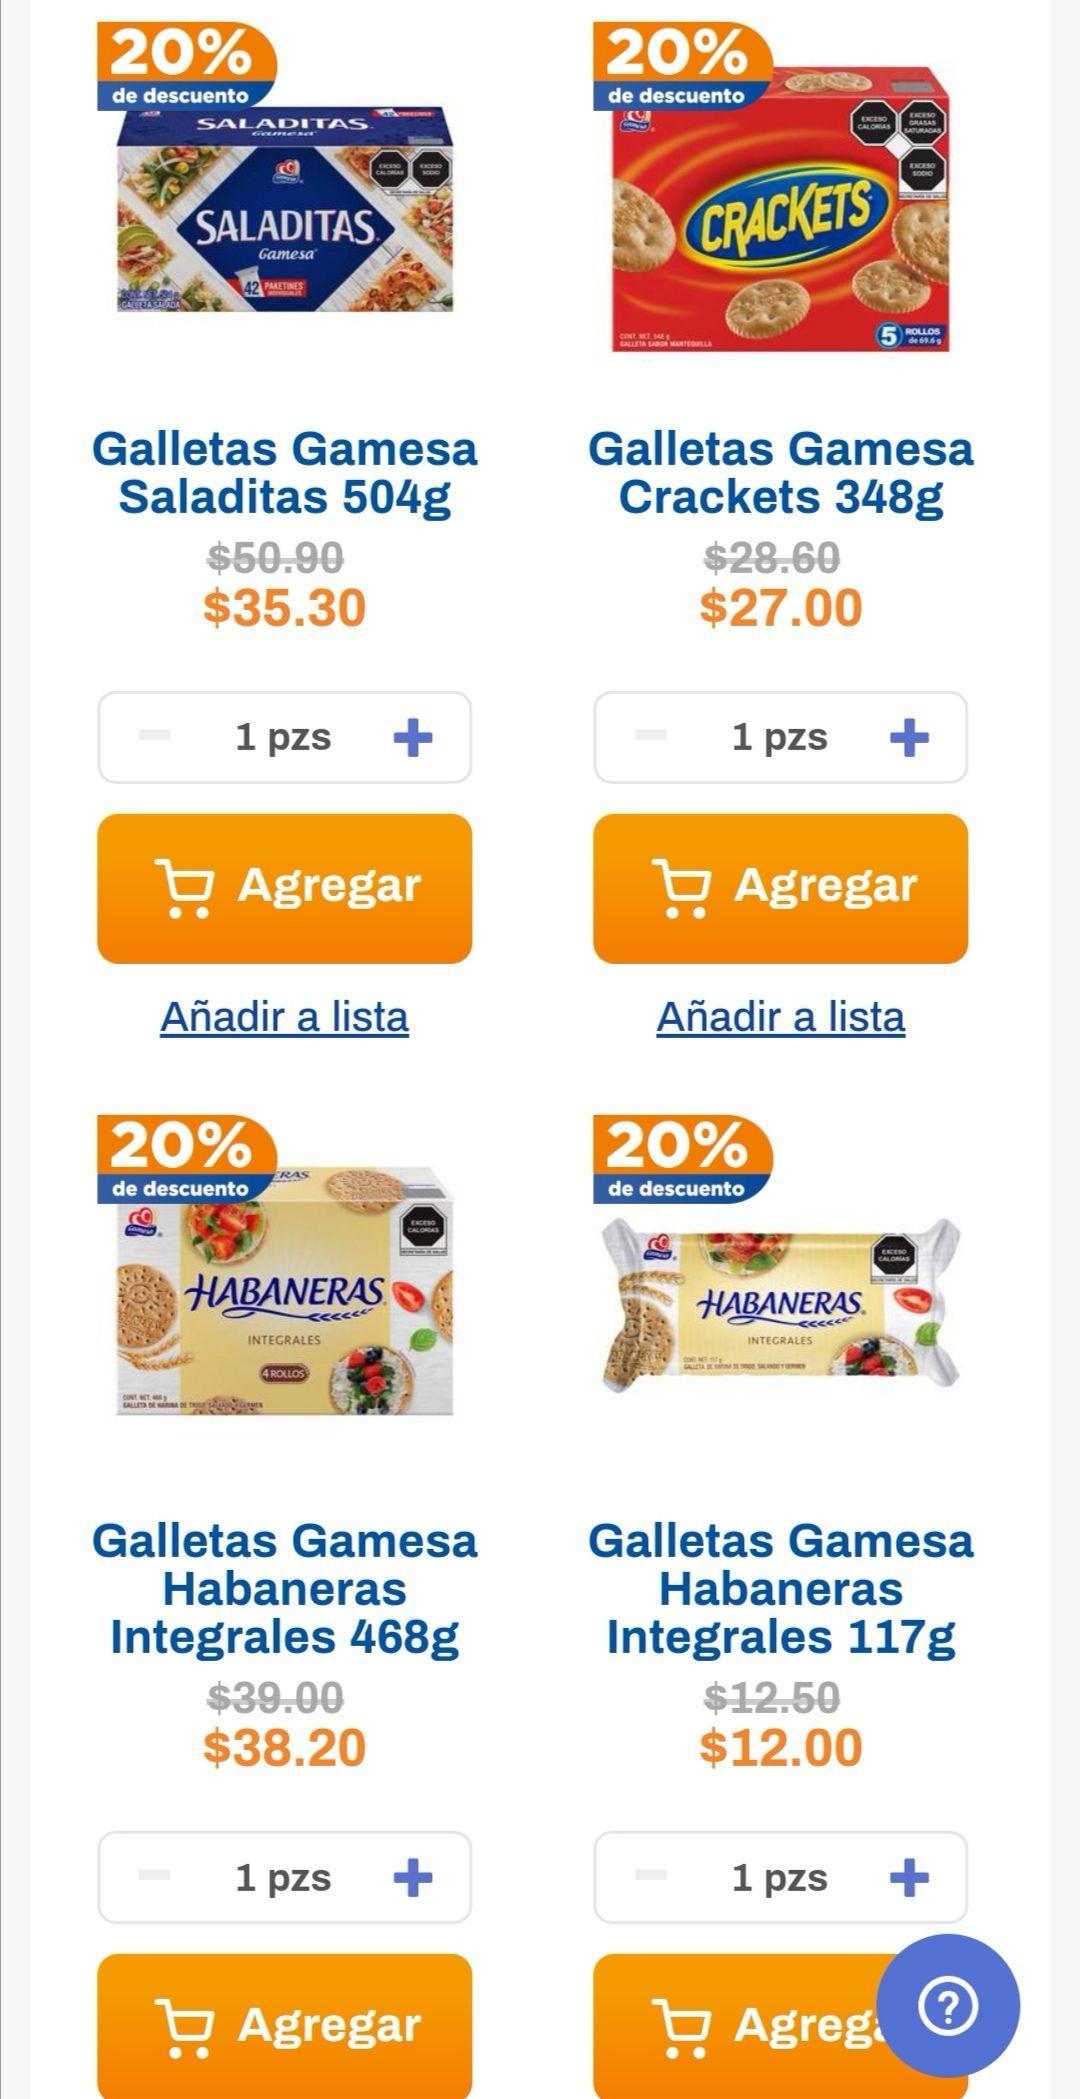 Chedraui: 20% de descuento en galletas Gamesa seleccionadas